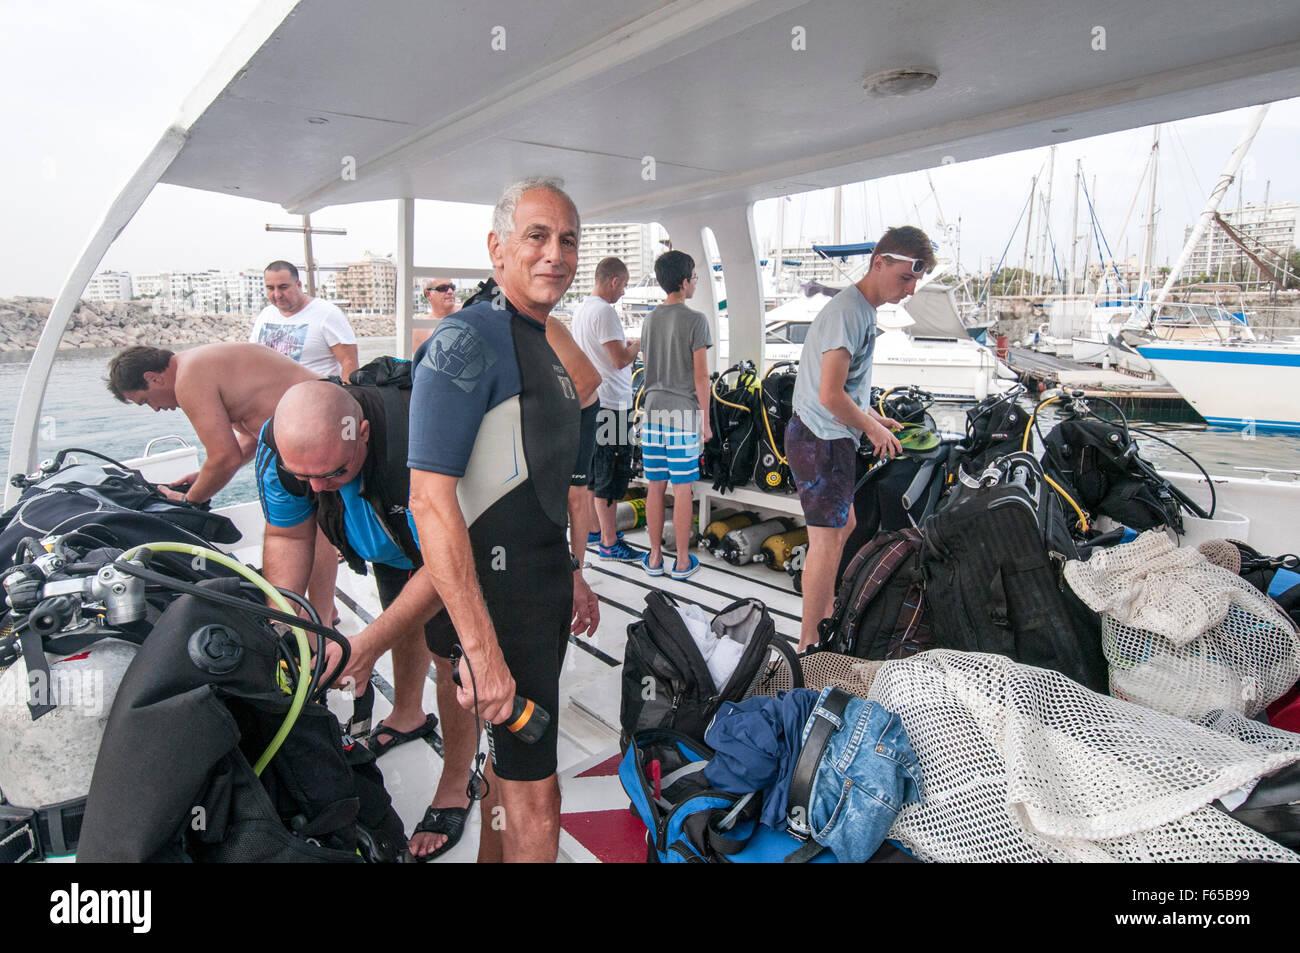 Ein Tauchclub in Larnaca, Zypern. Taucher bereiten ihre Ausrüstung auf dem Tauchboot vor seiner Abreise nach Stockbild